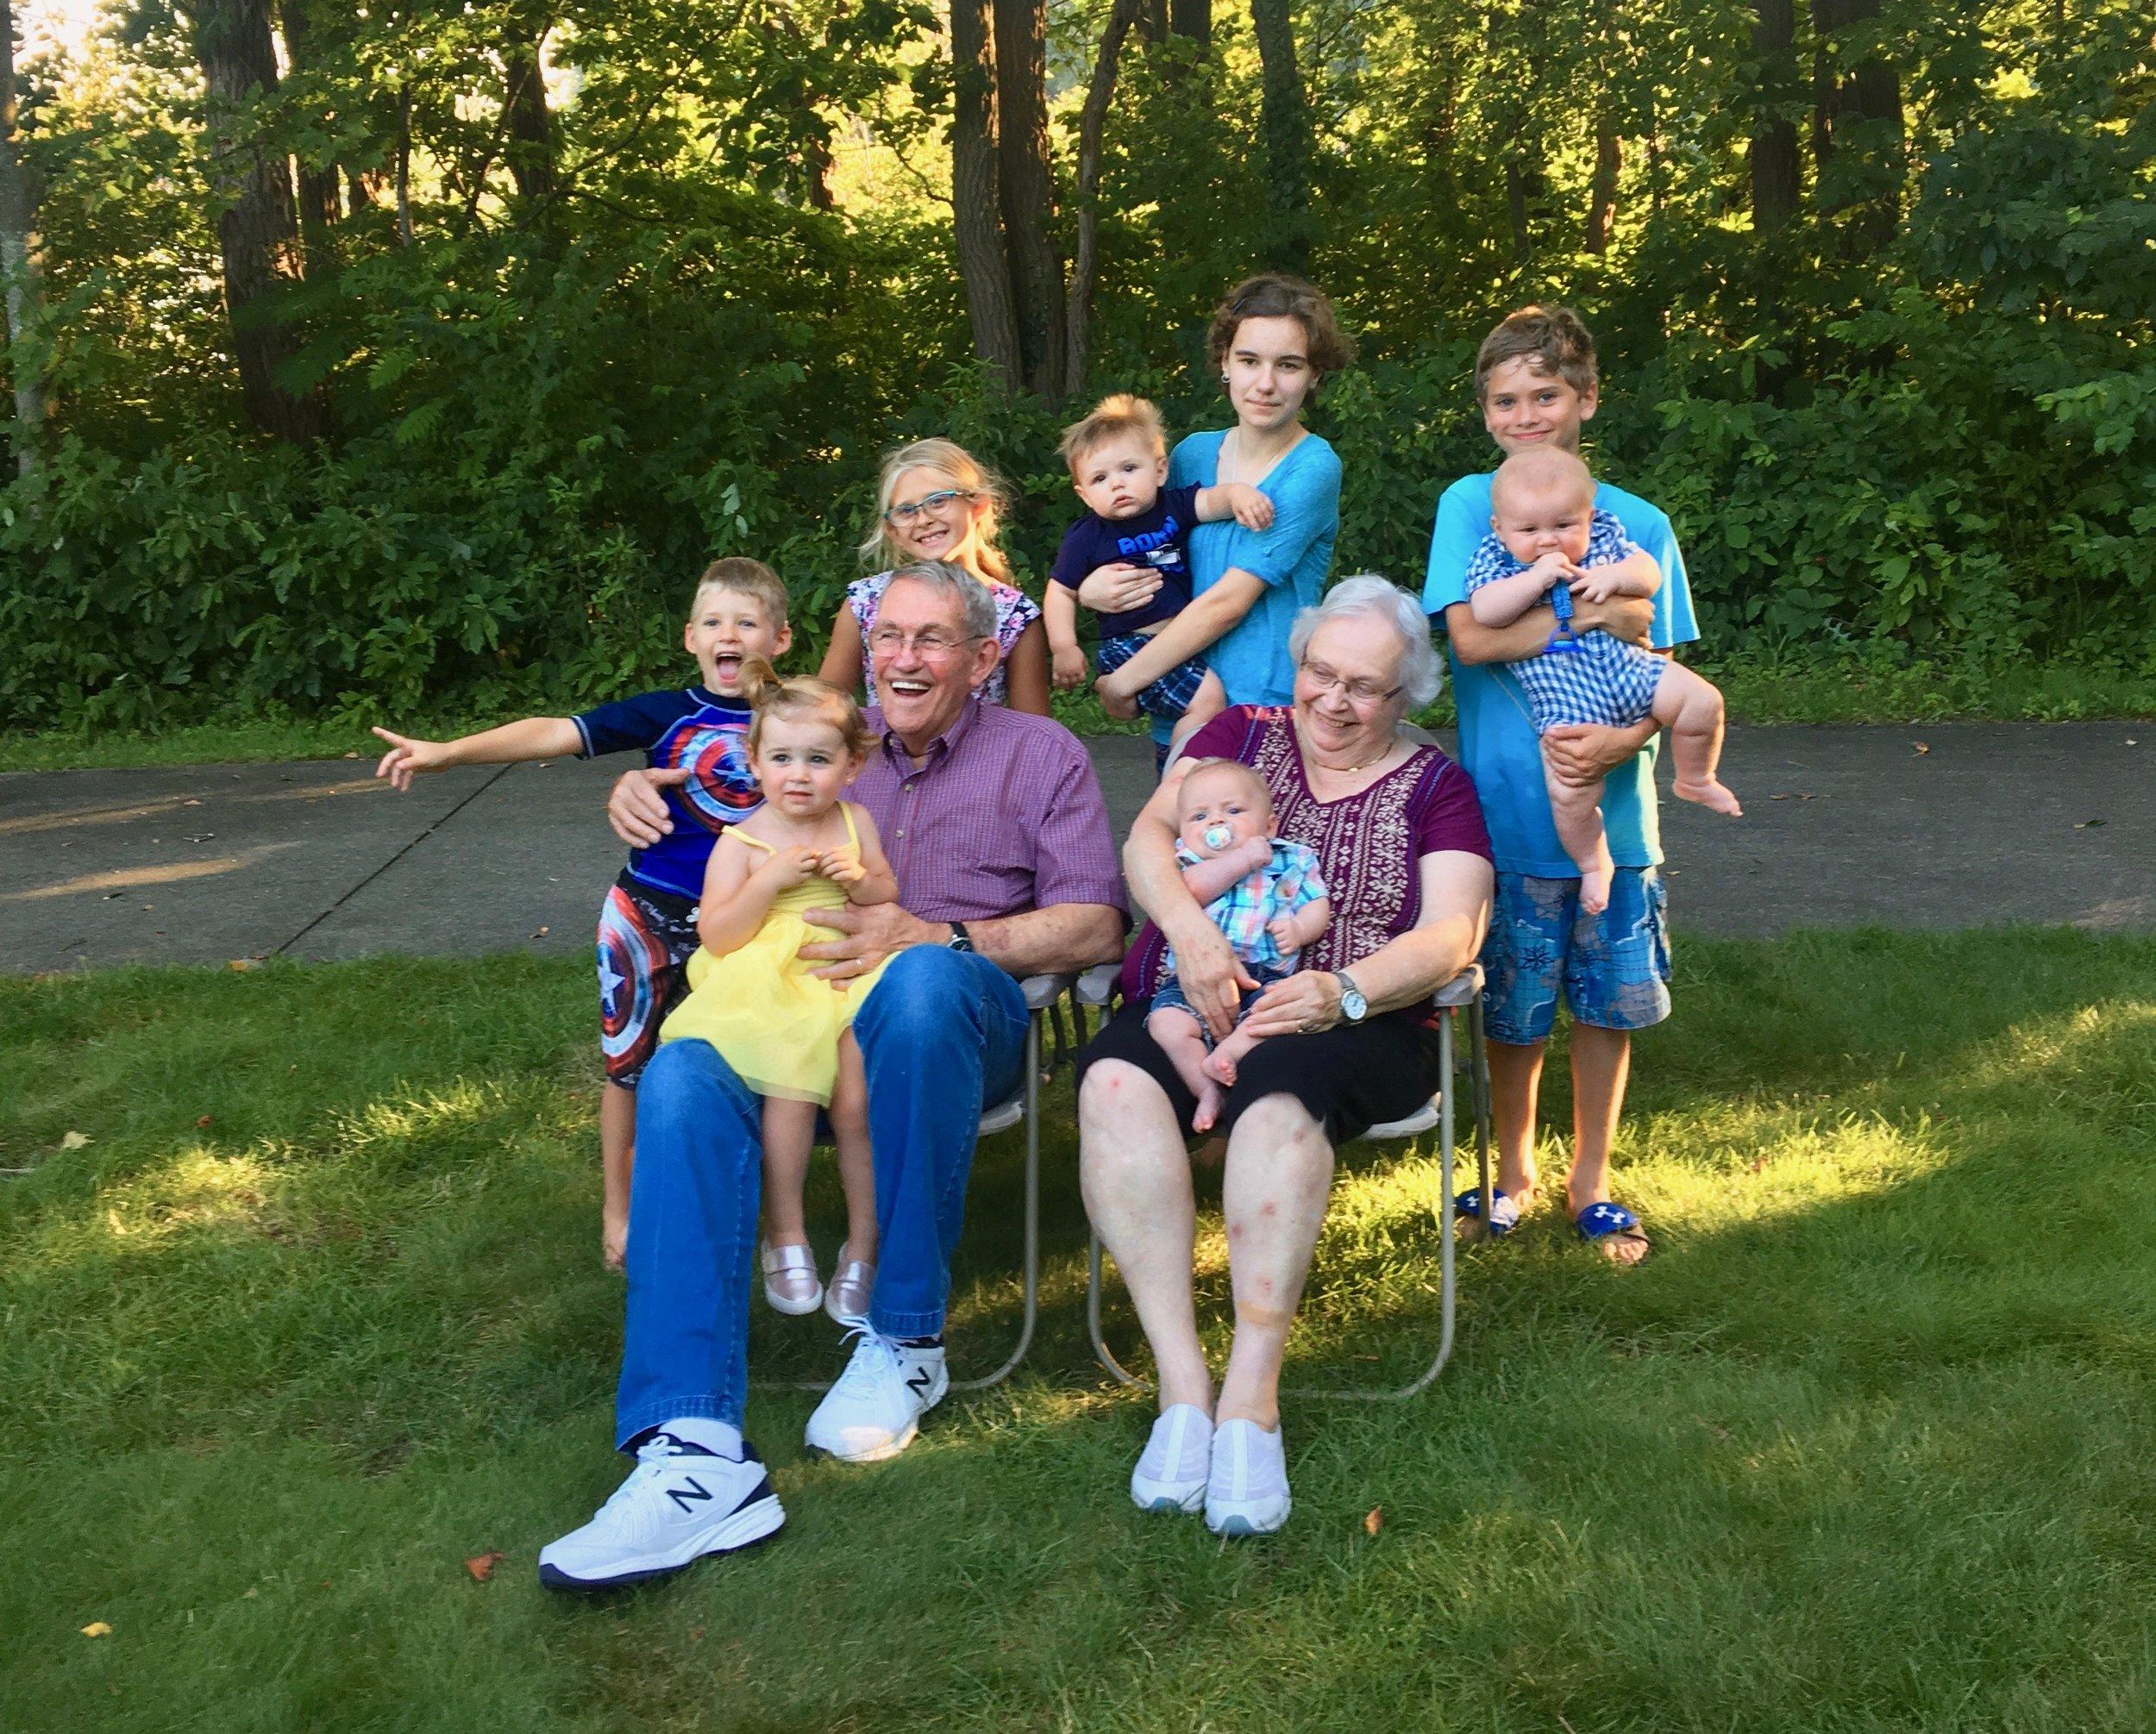 Grandma and Grandpa DeKoekkoek with all their GREAT grandkids this week.